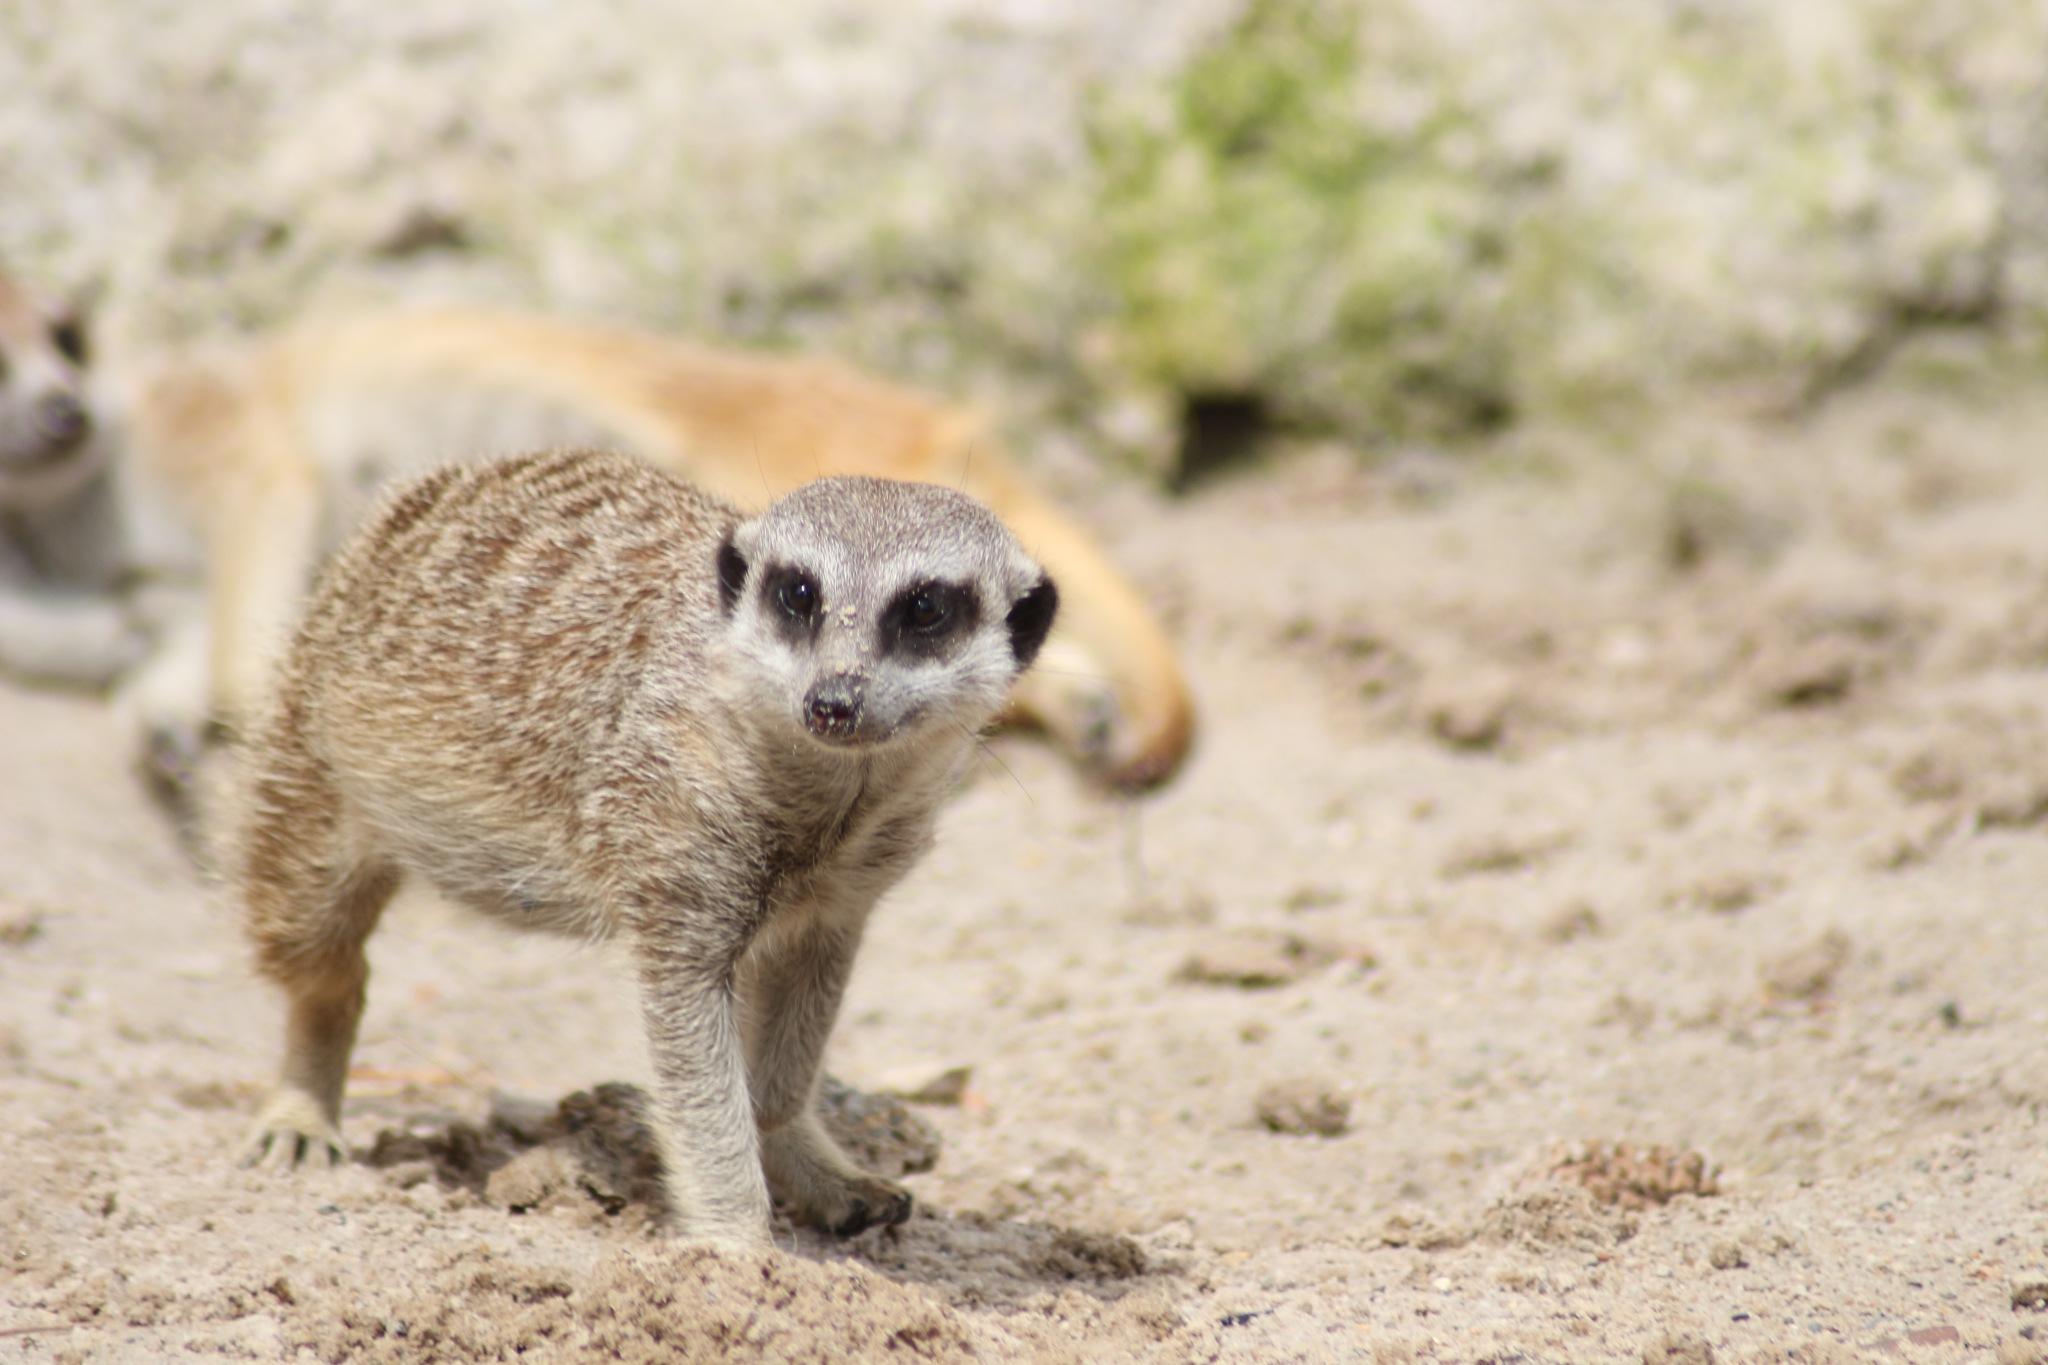 The meerkat by TessAnimals